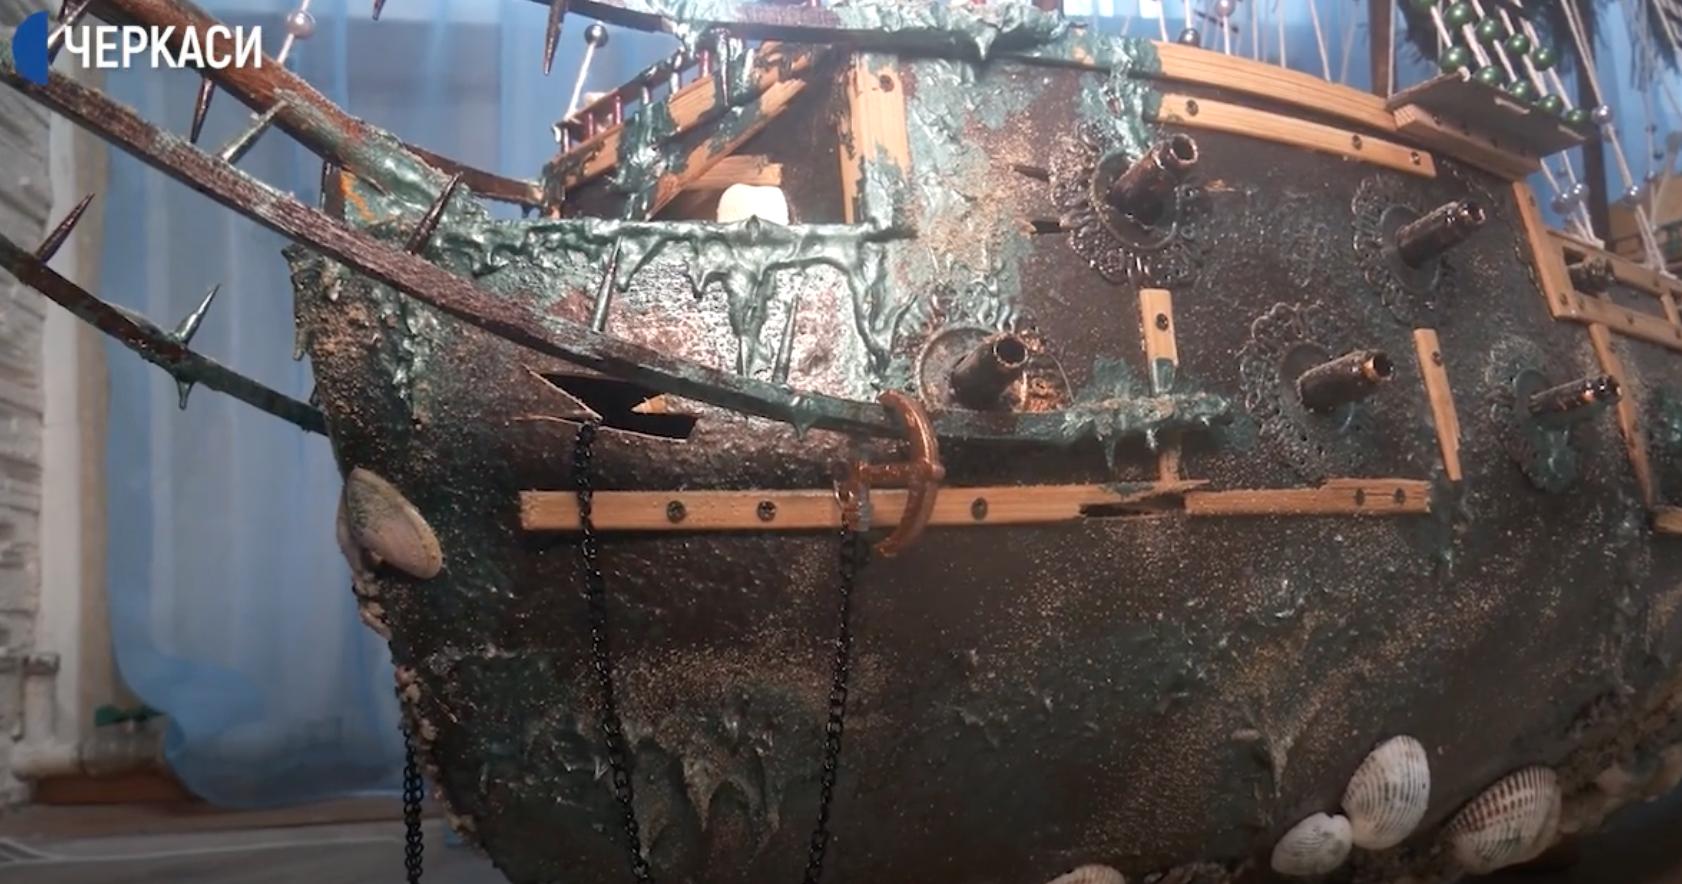 Уманчанин створює моделі кораблів (ВІДЕО)